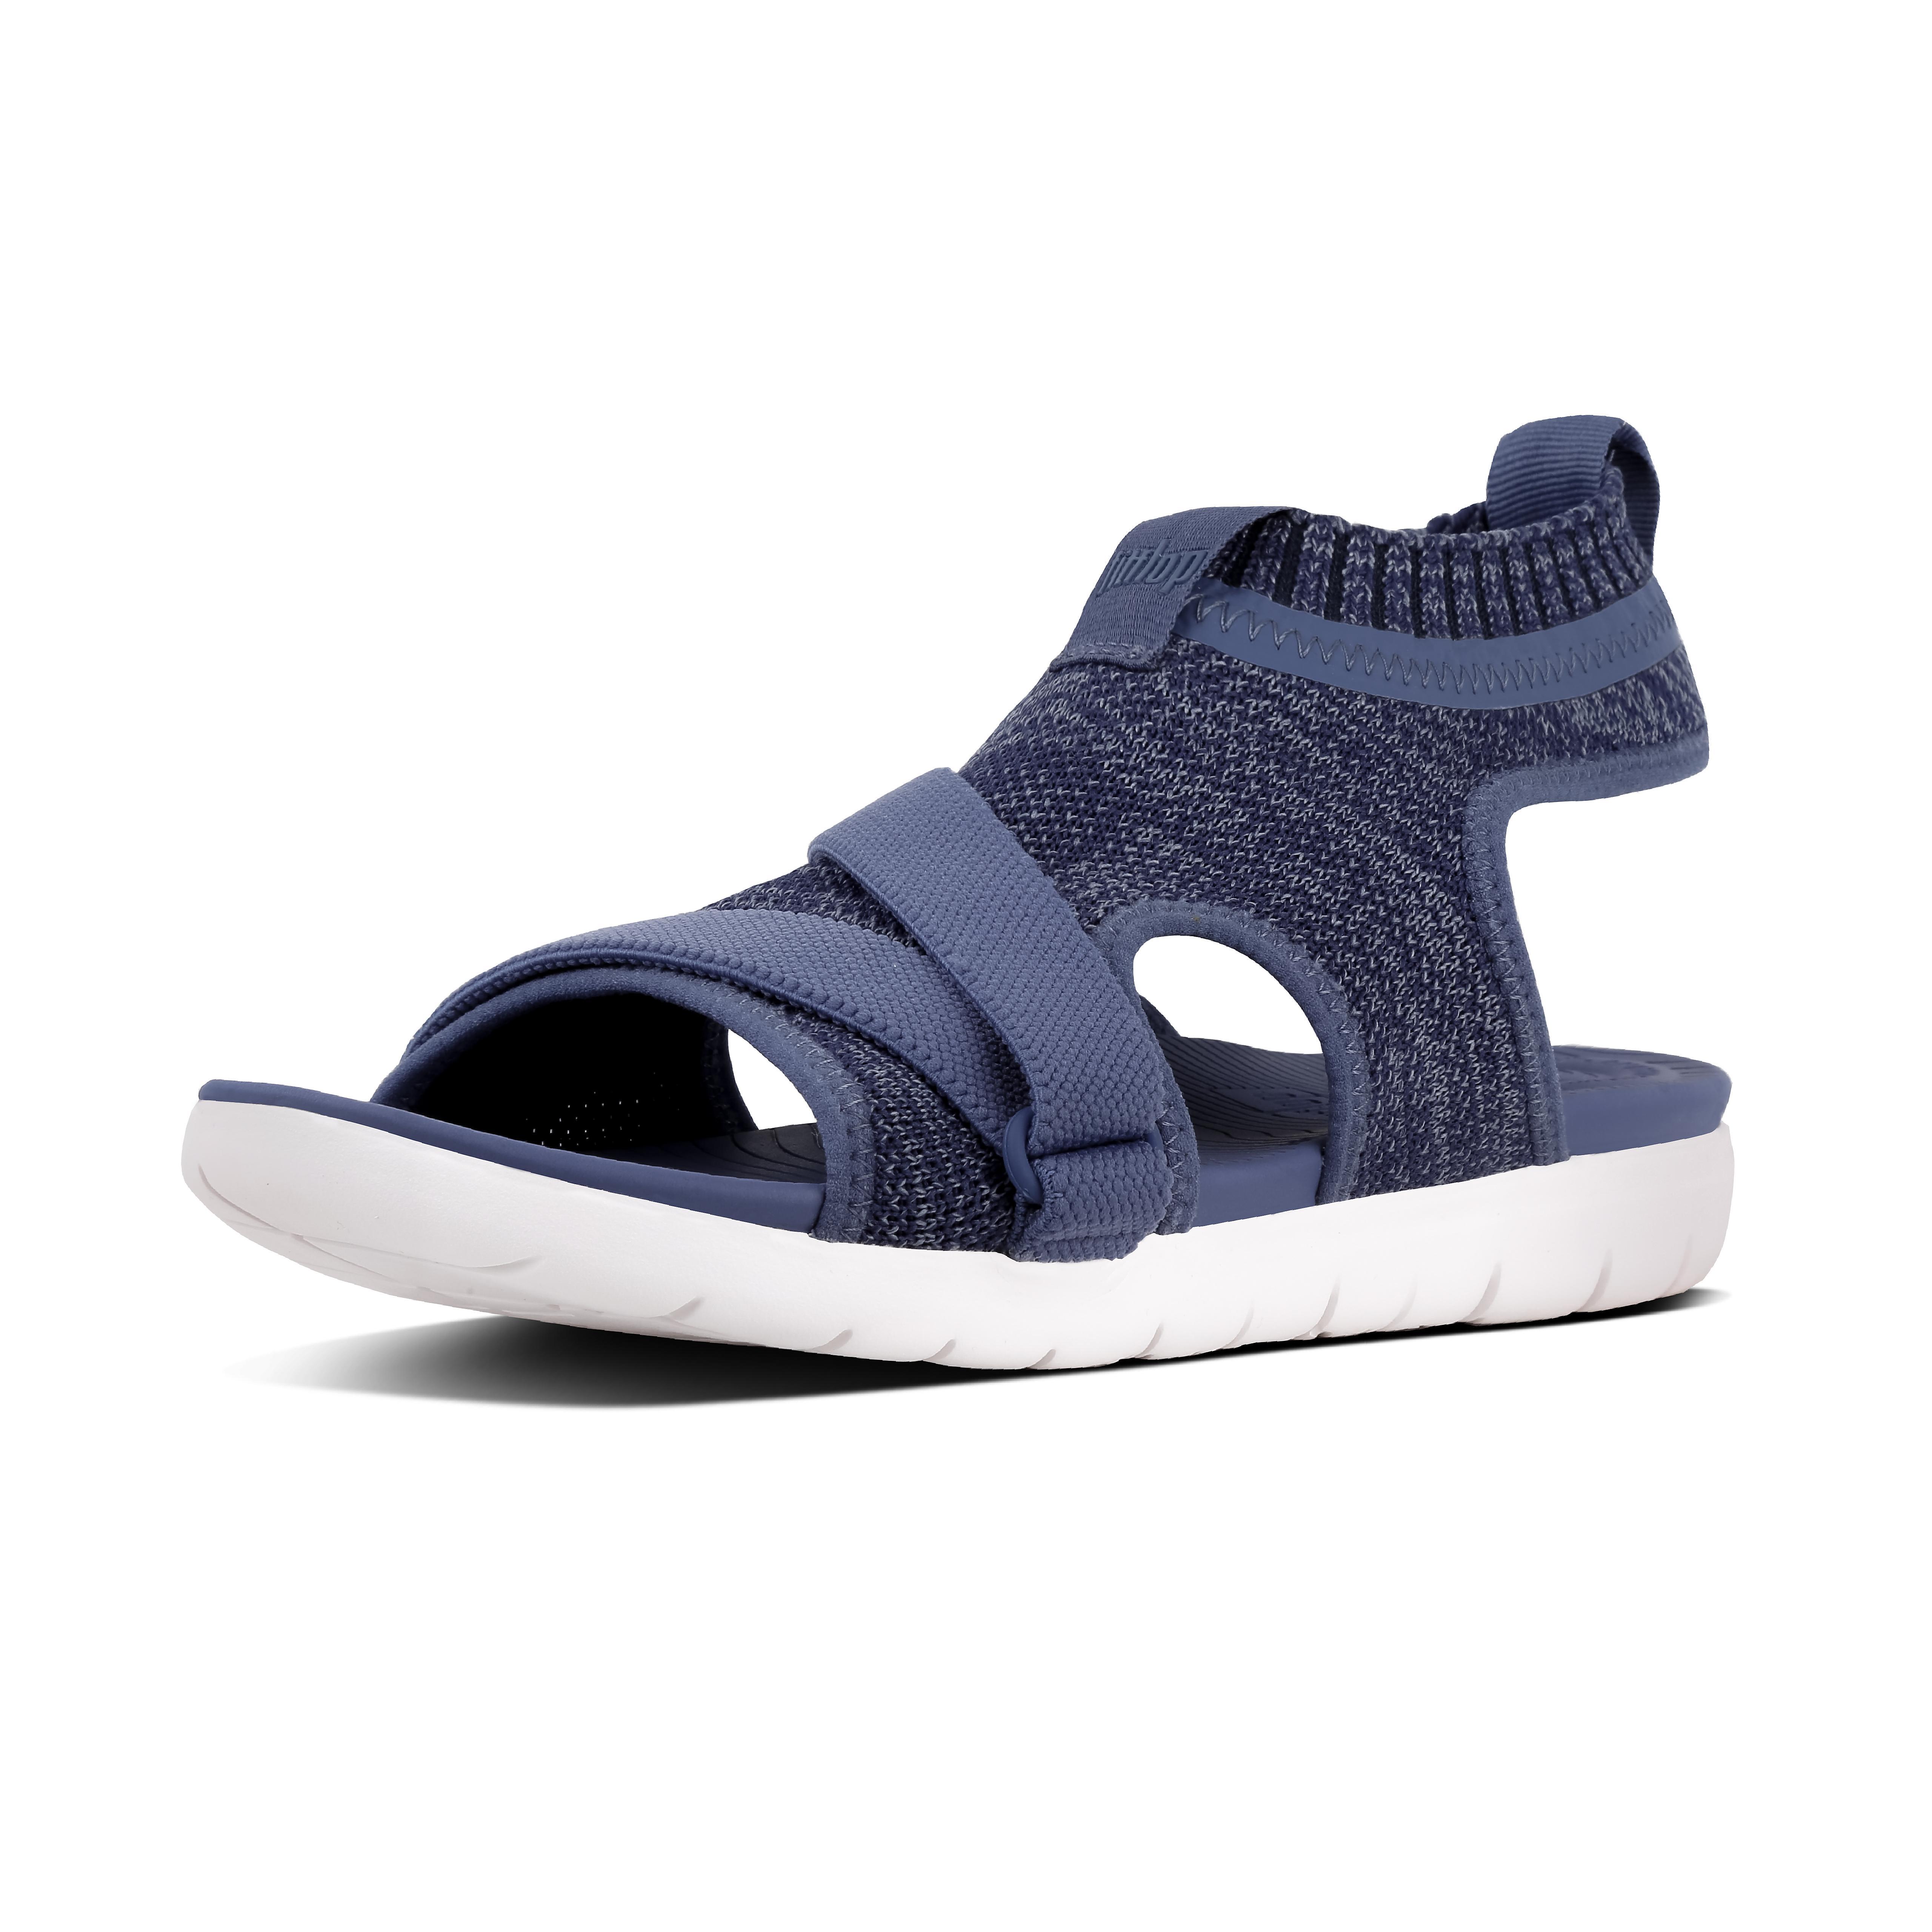 Uma uberknit back strap sandals indian blue powder blue l29 564?v=6